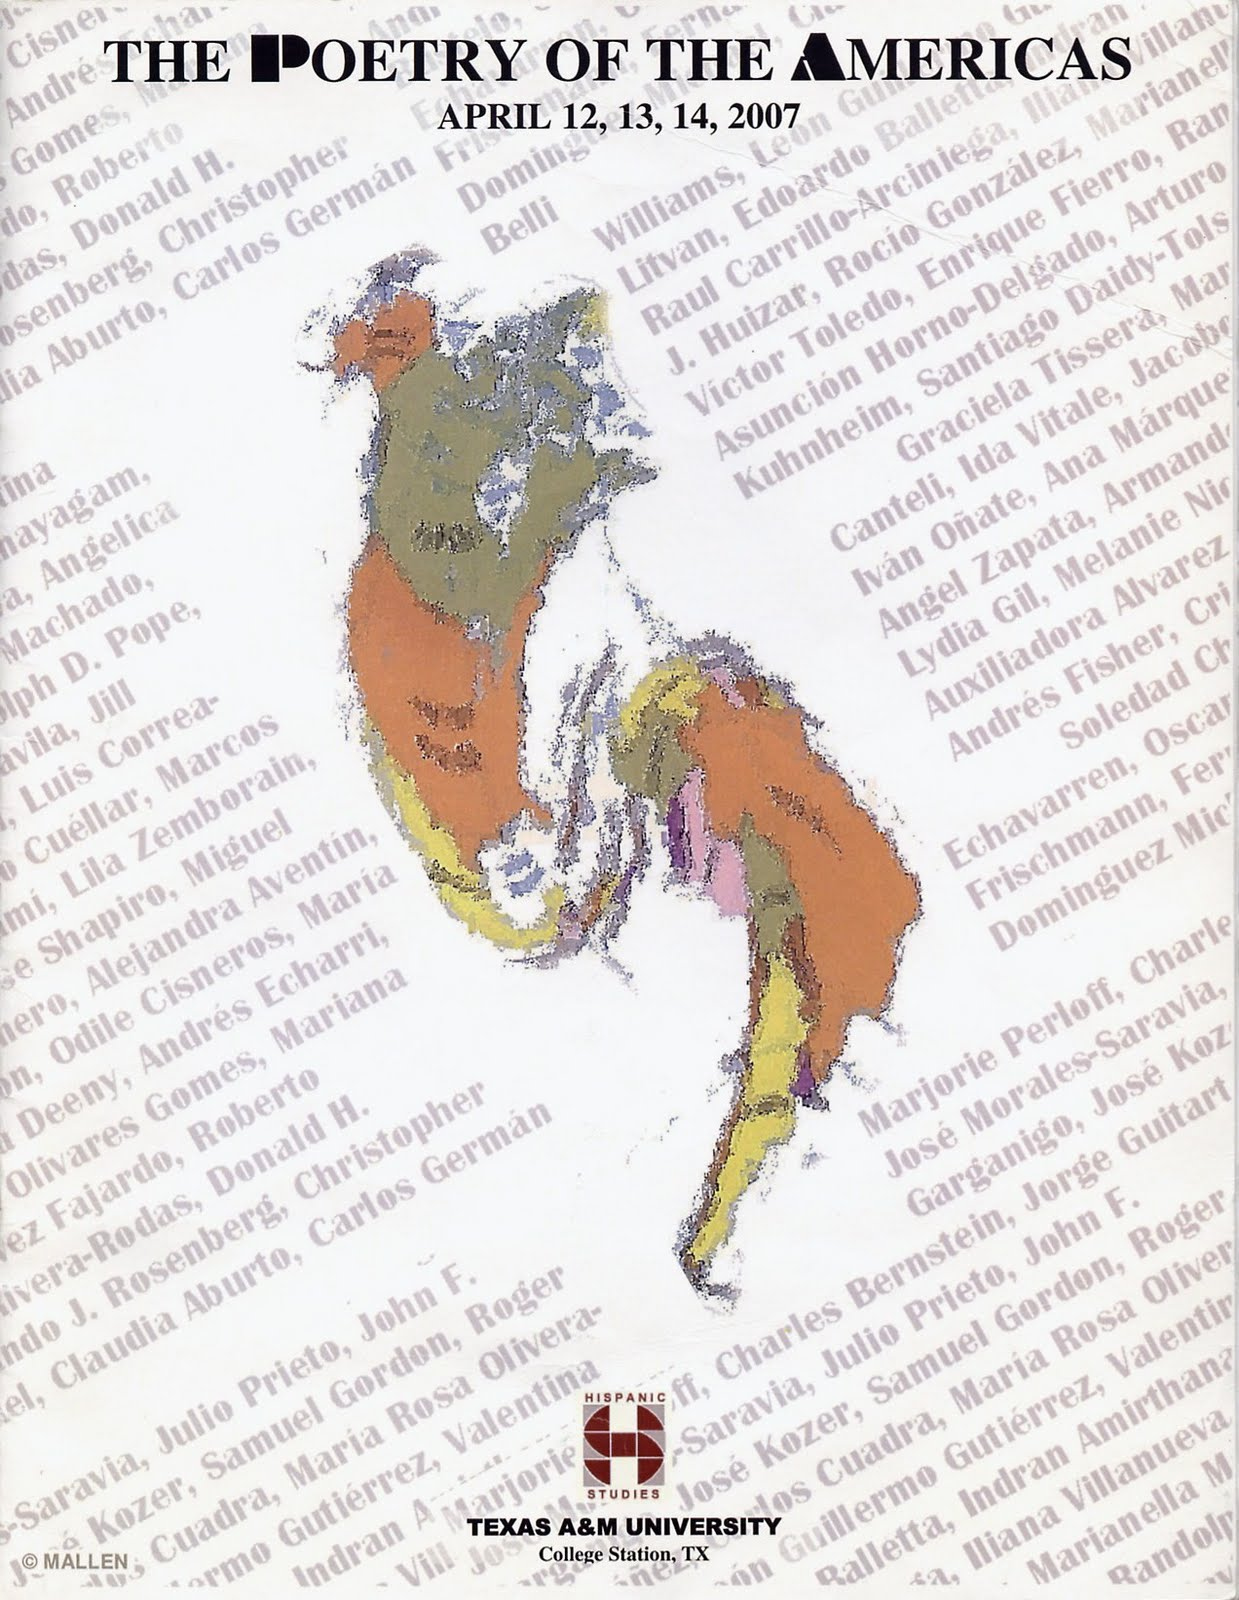 FRANCISCO JOSÉ CRUZ Archivo literario THE POETRY OF THE